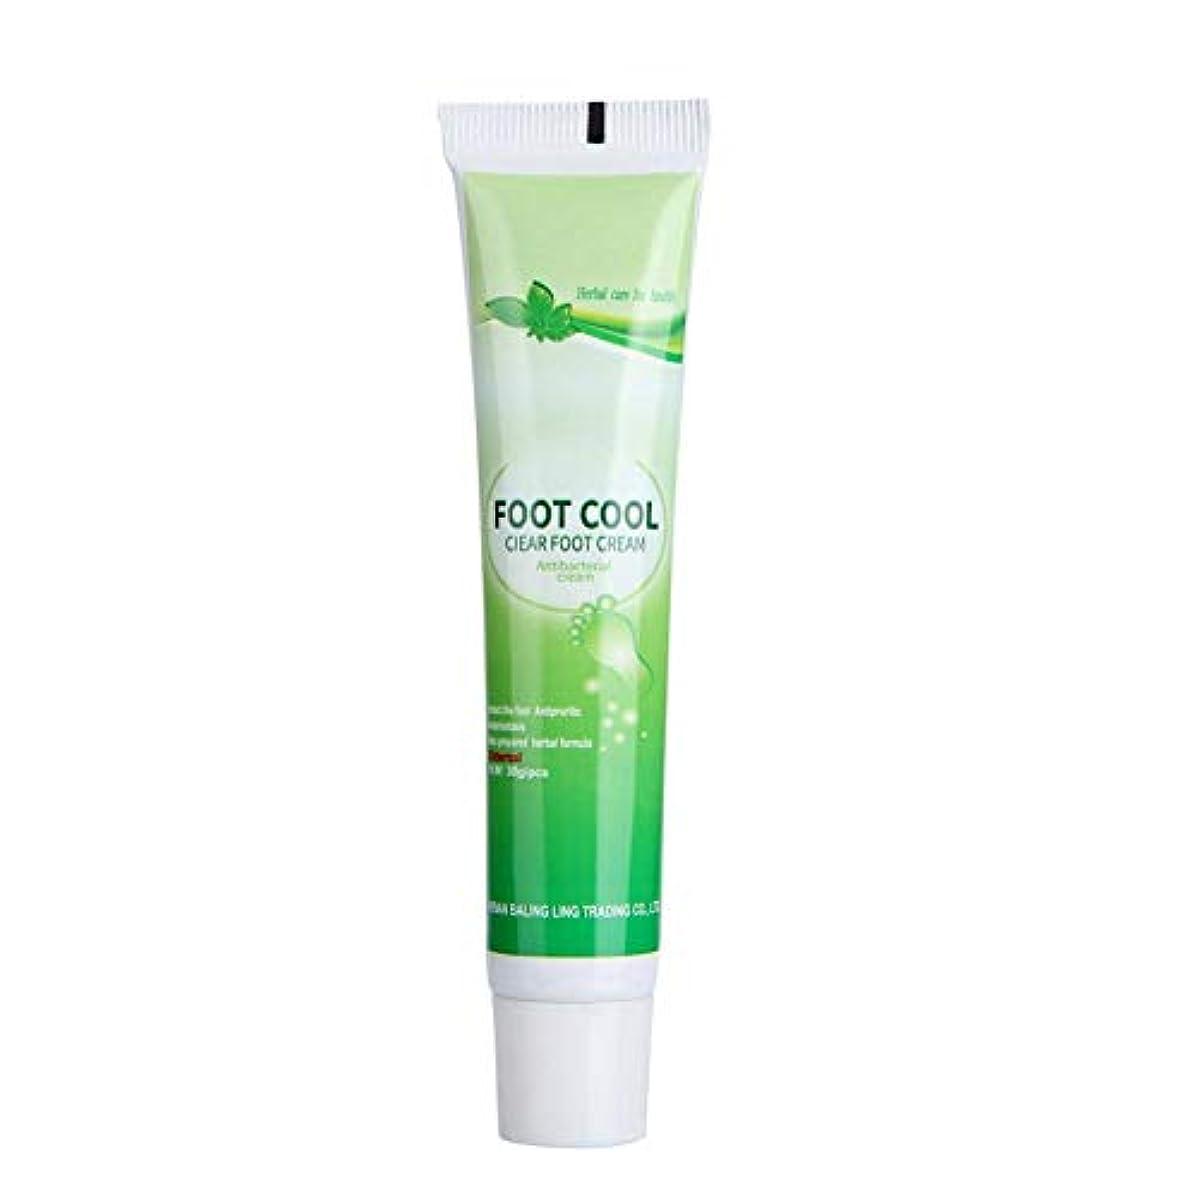 解任コンペ足音フットケアクリーム、足用軟膏 - 肌荒れ、乾燥、かかと、そして足裏の滑らかさと柔らかさ